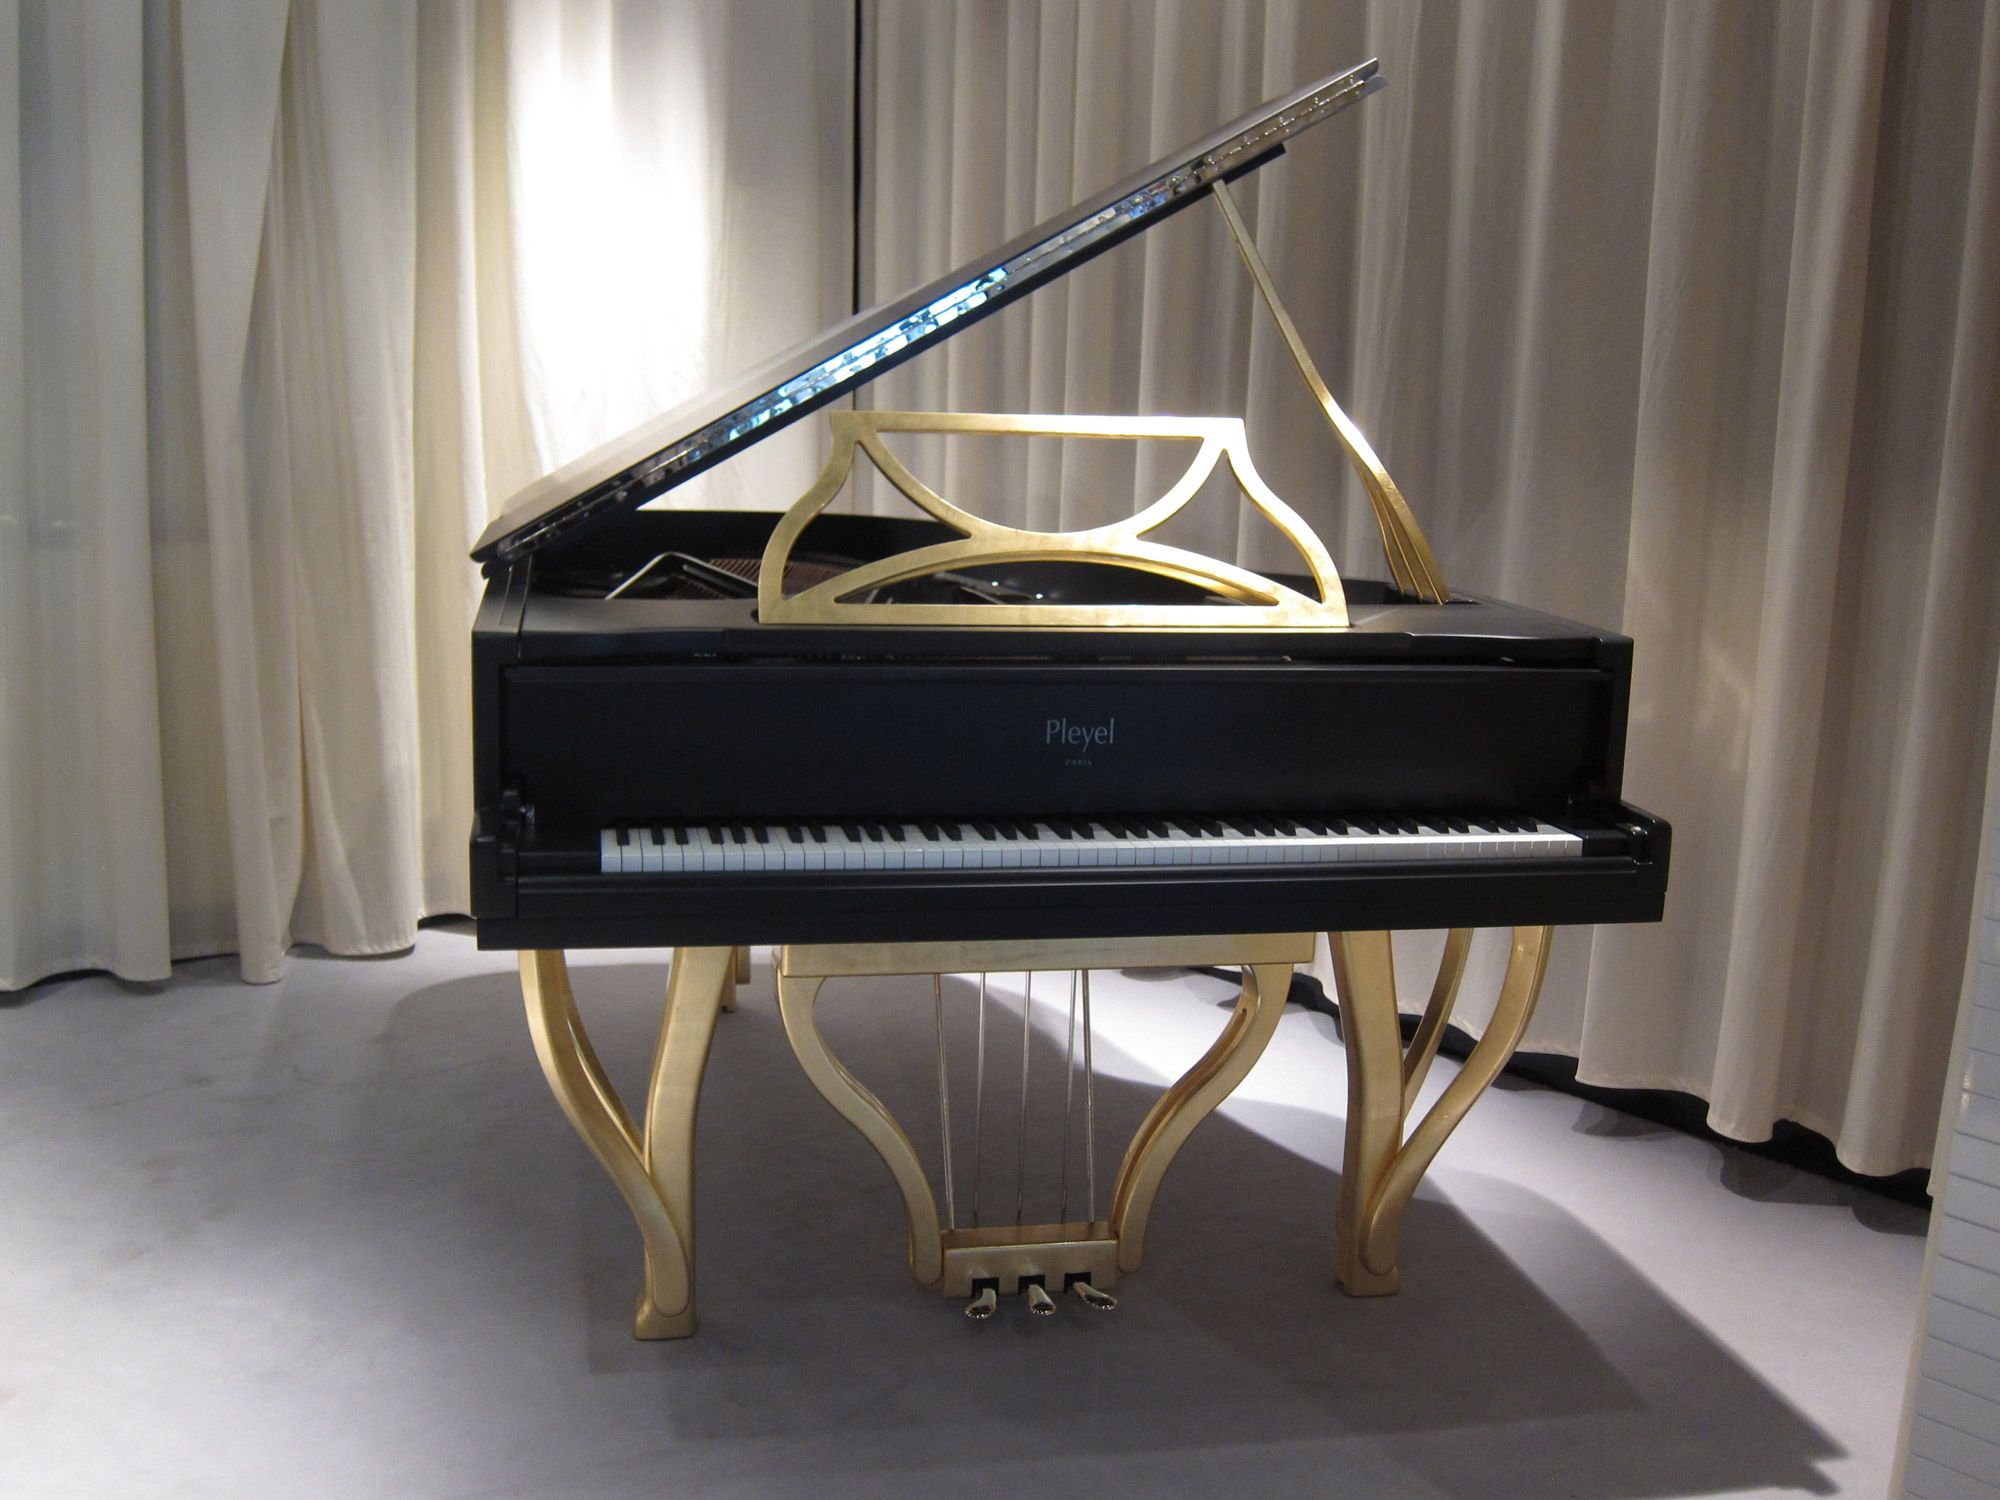 Vue De Face Du Piano Pleyel Lirico Noir Mat Et Or Design By Michele De Lucchi